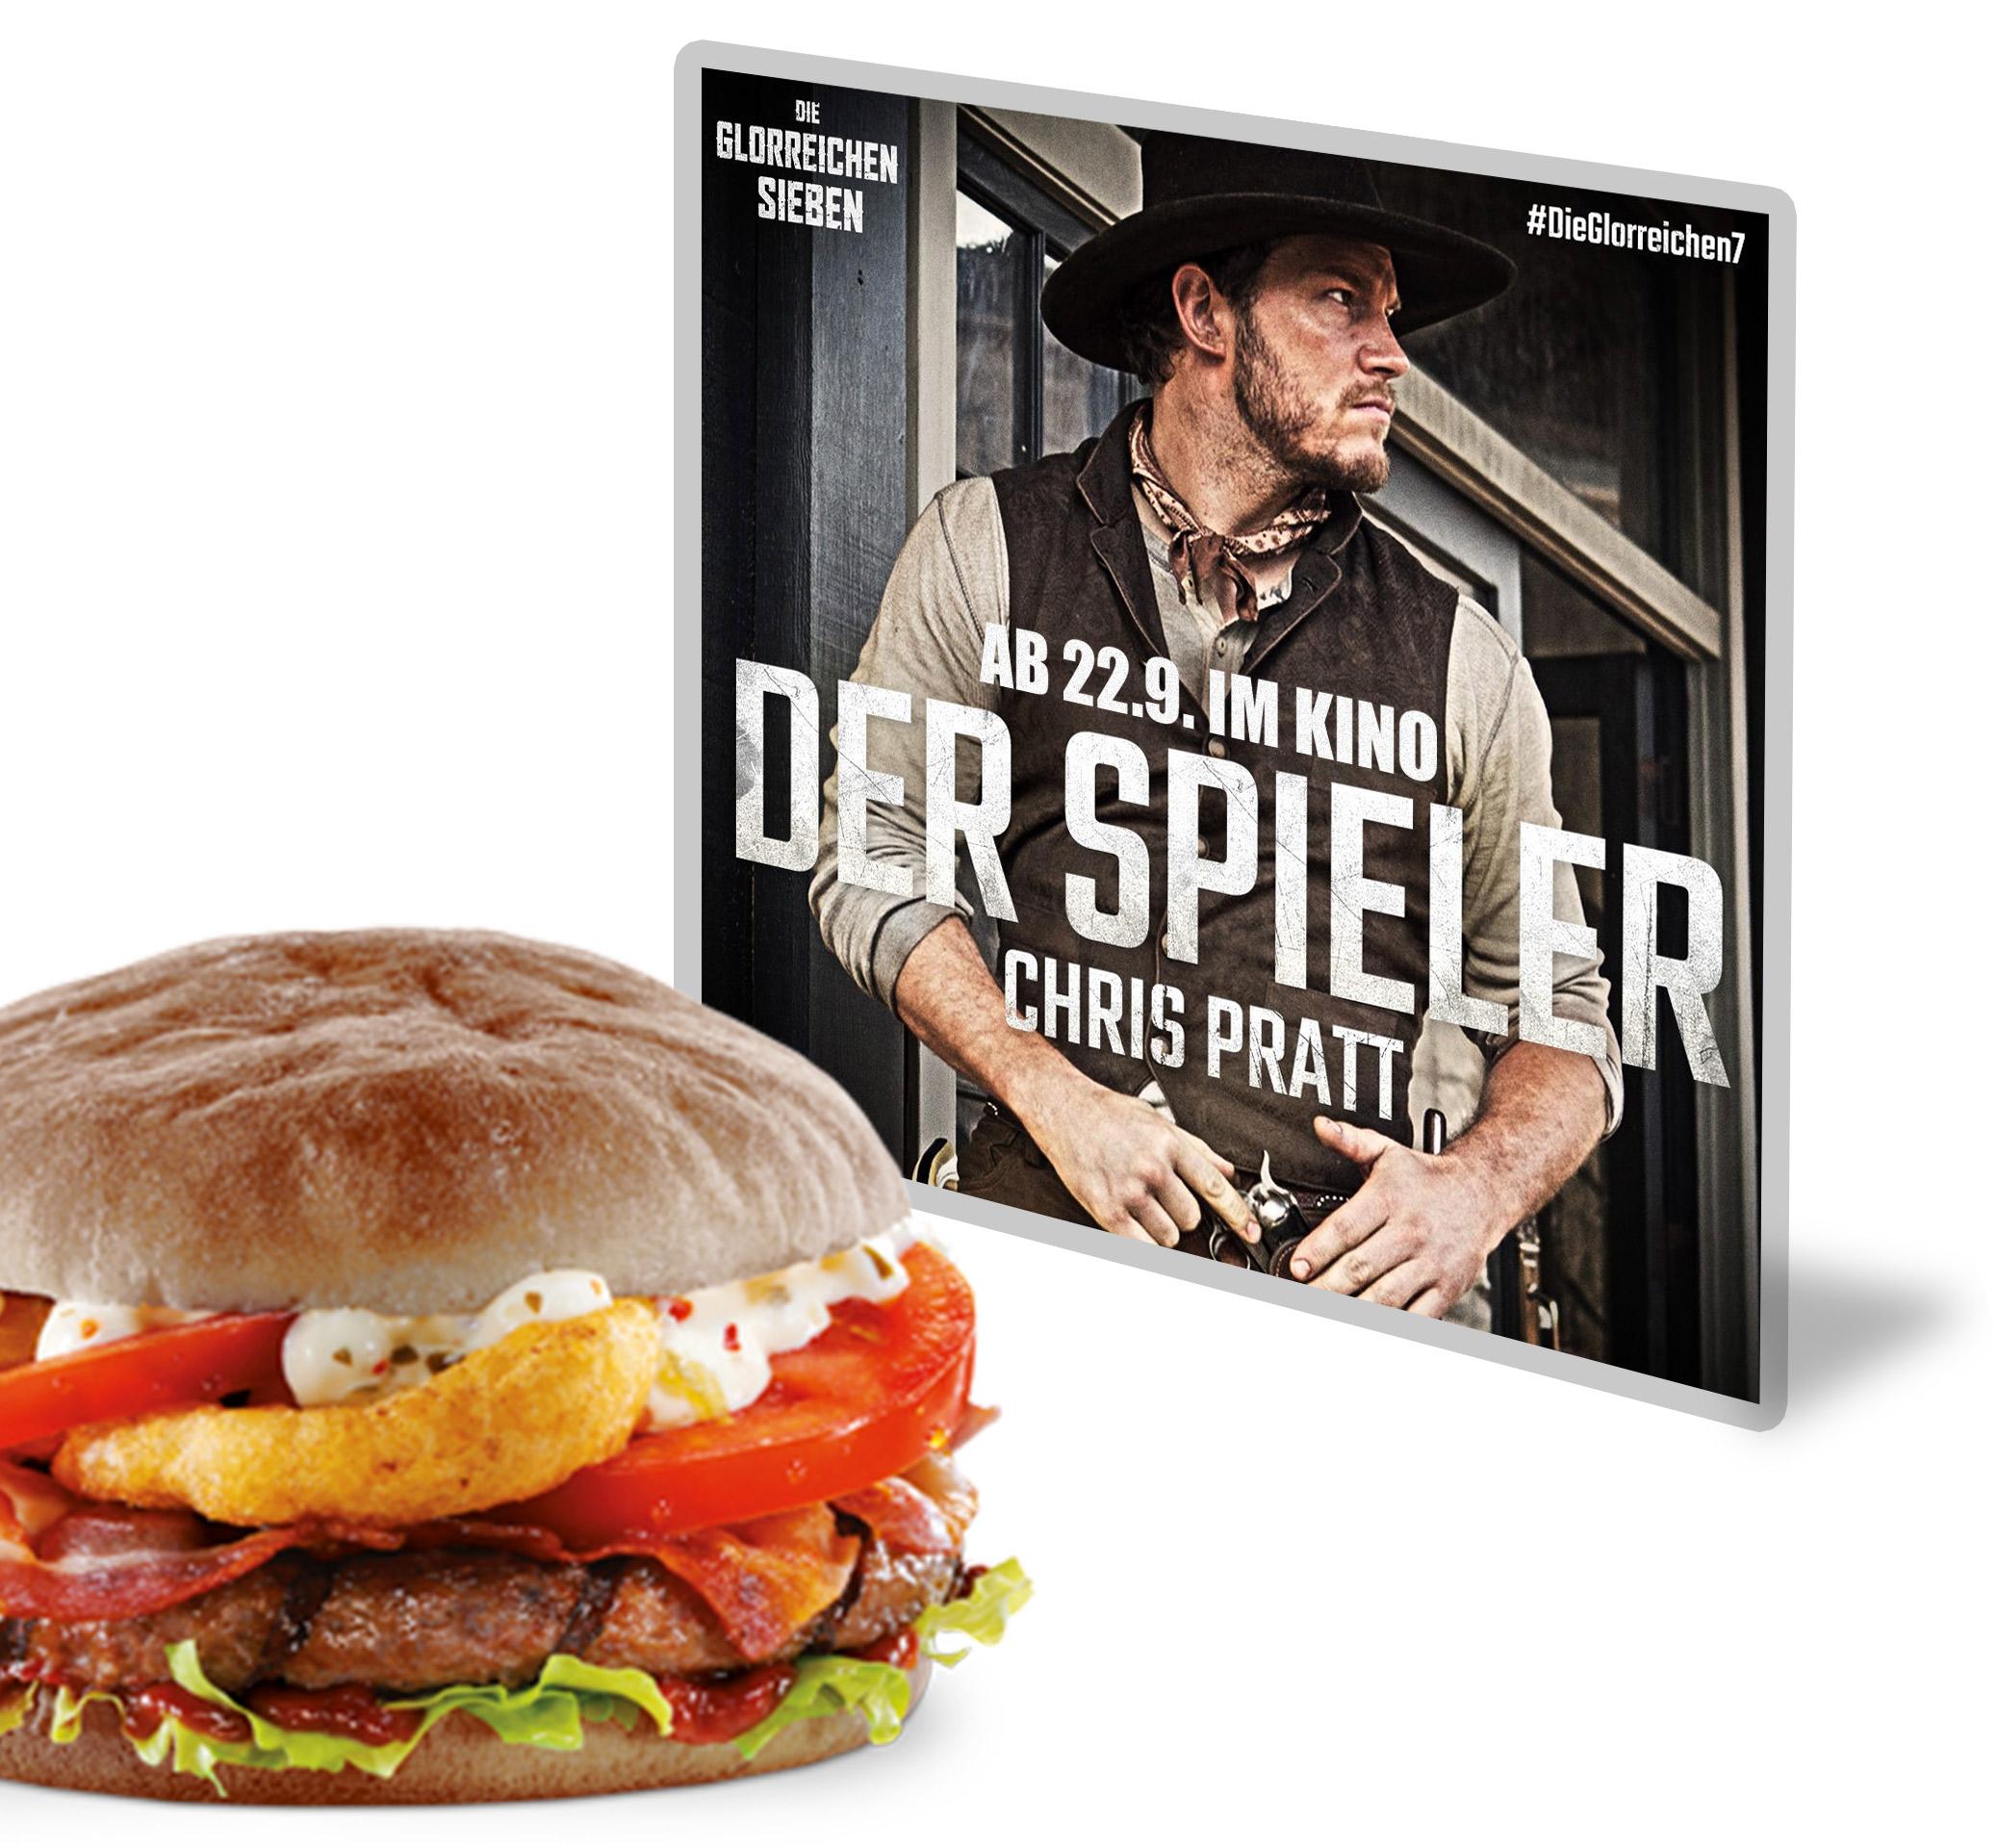 Die glorreichen 7 burgerme Onion Rings Burger